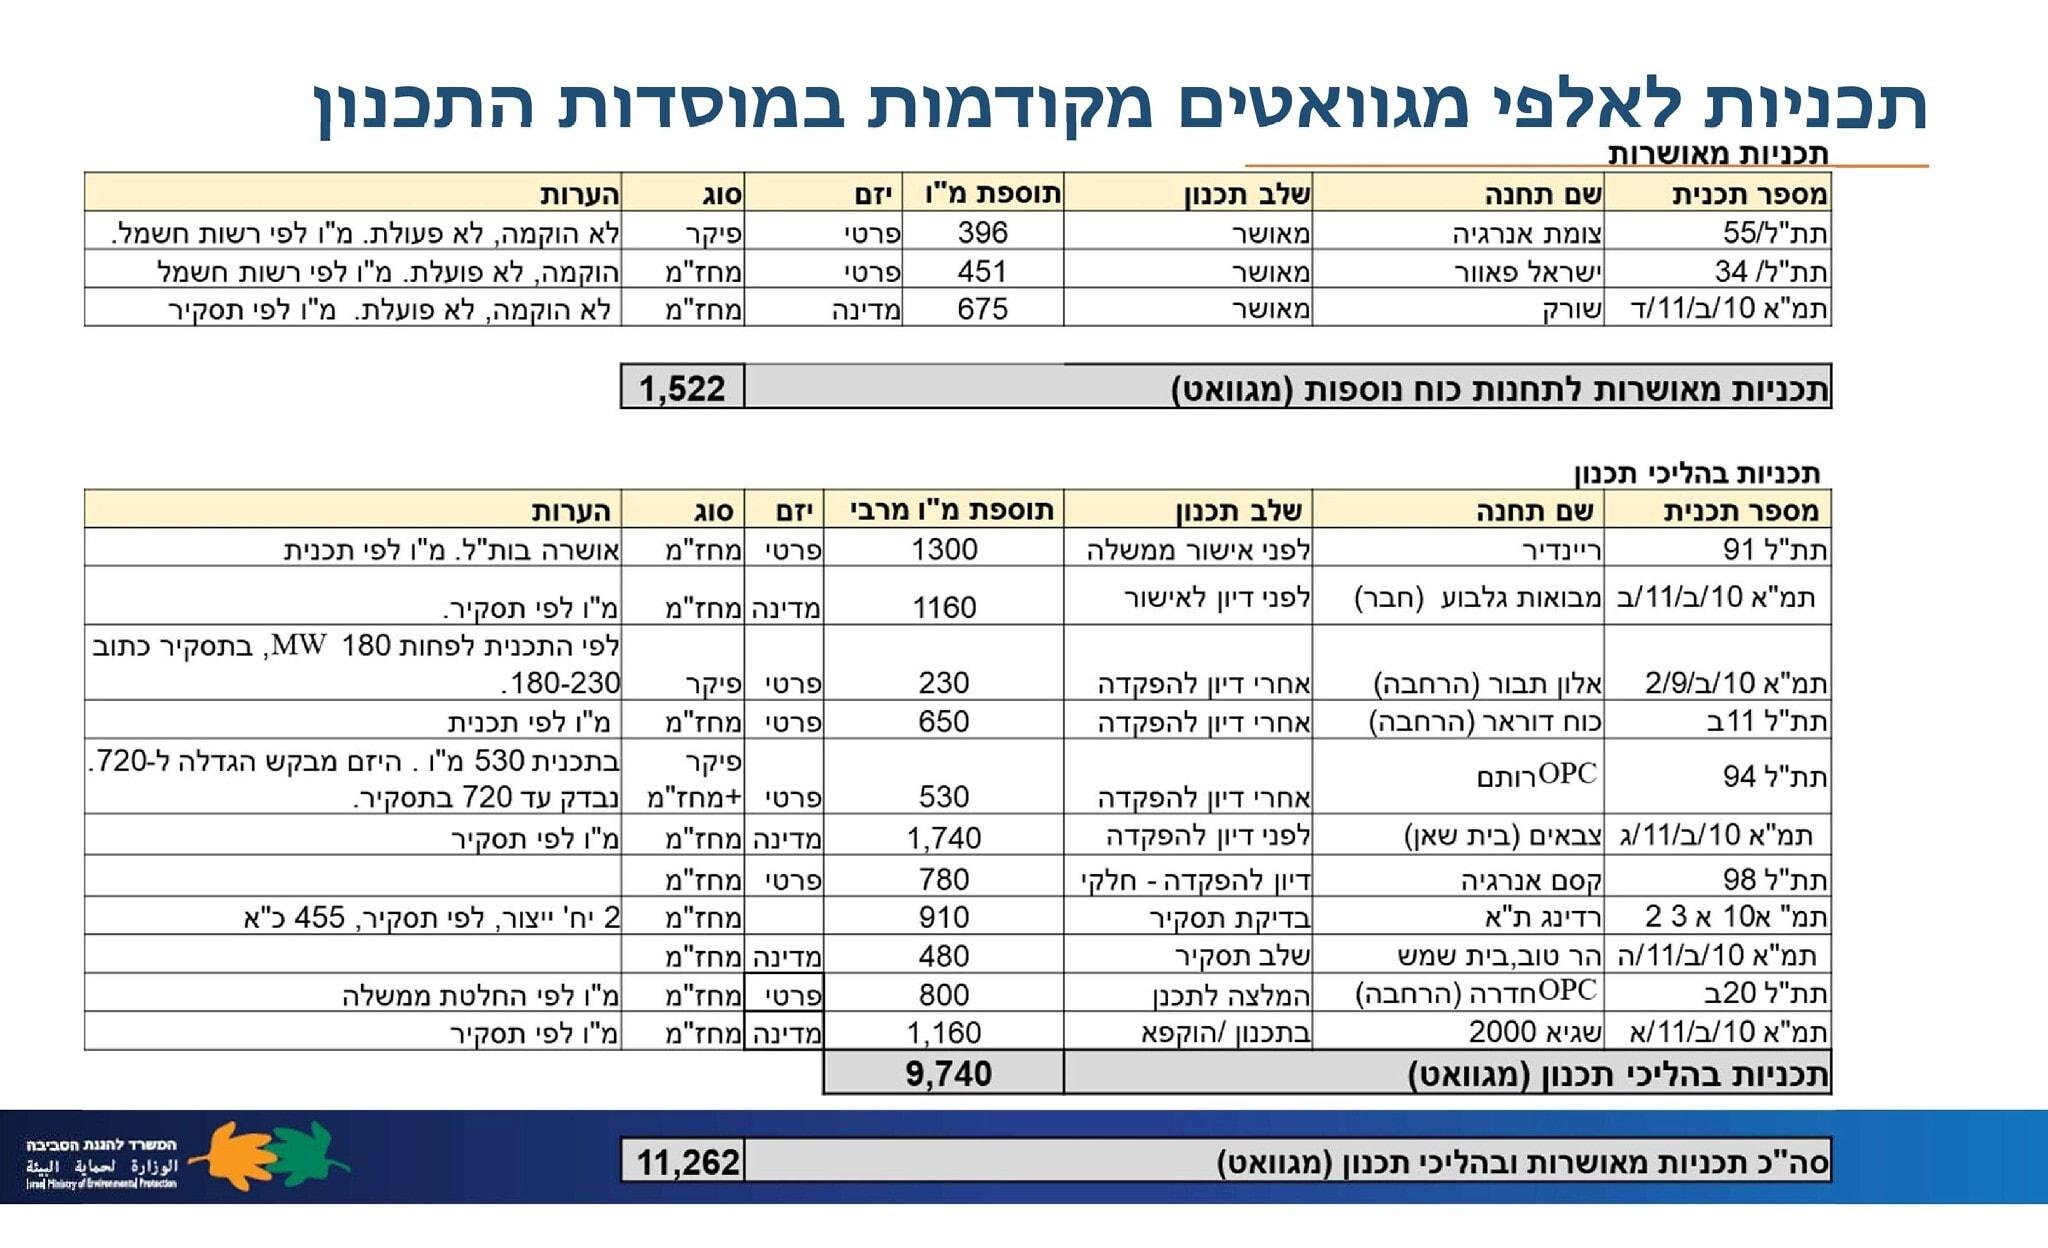 תוכניות לאלפי מגוואטים מקודמות במוסדות התכנון מצגת גיל פרואקטור 27אוג20